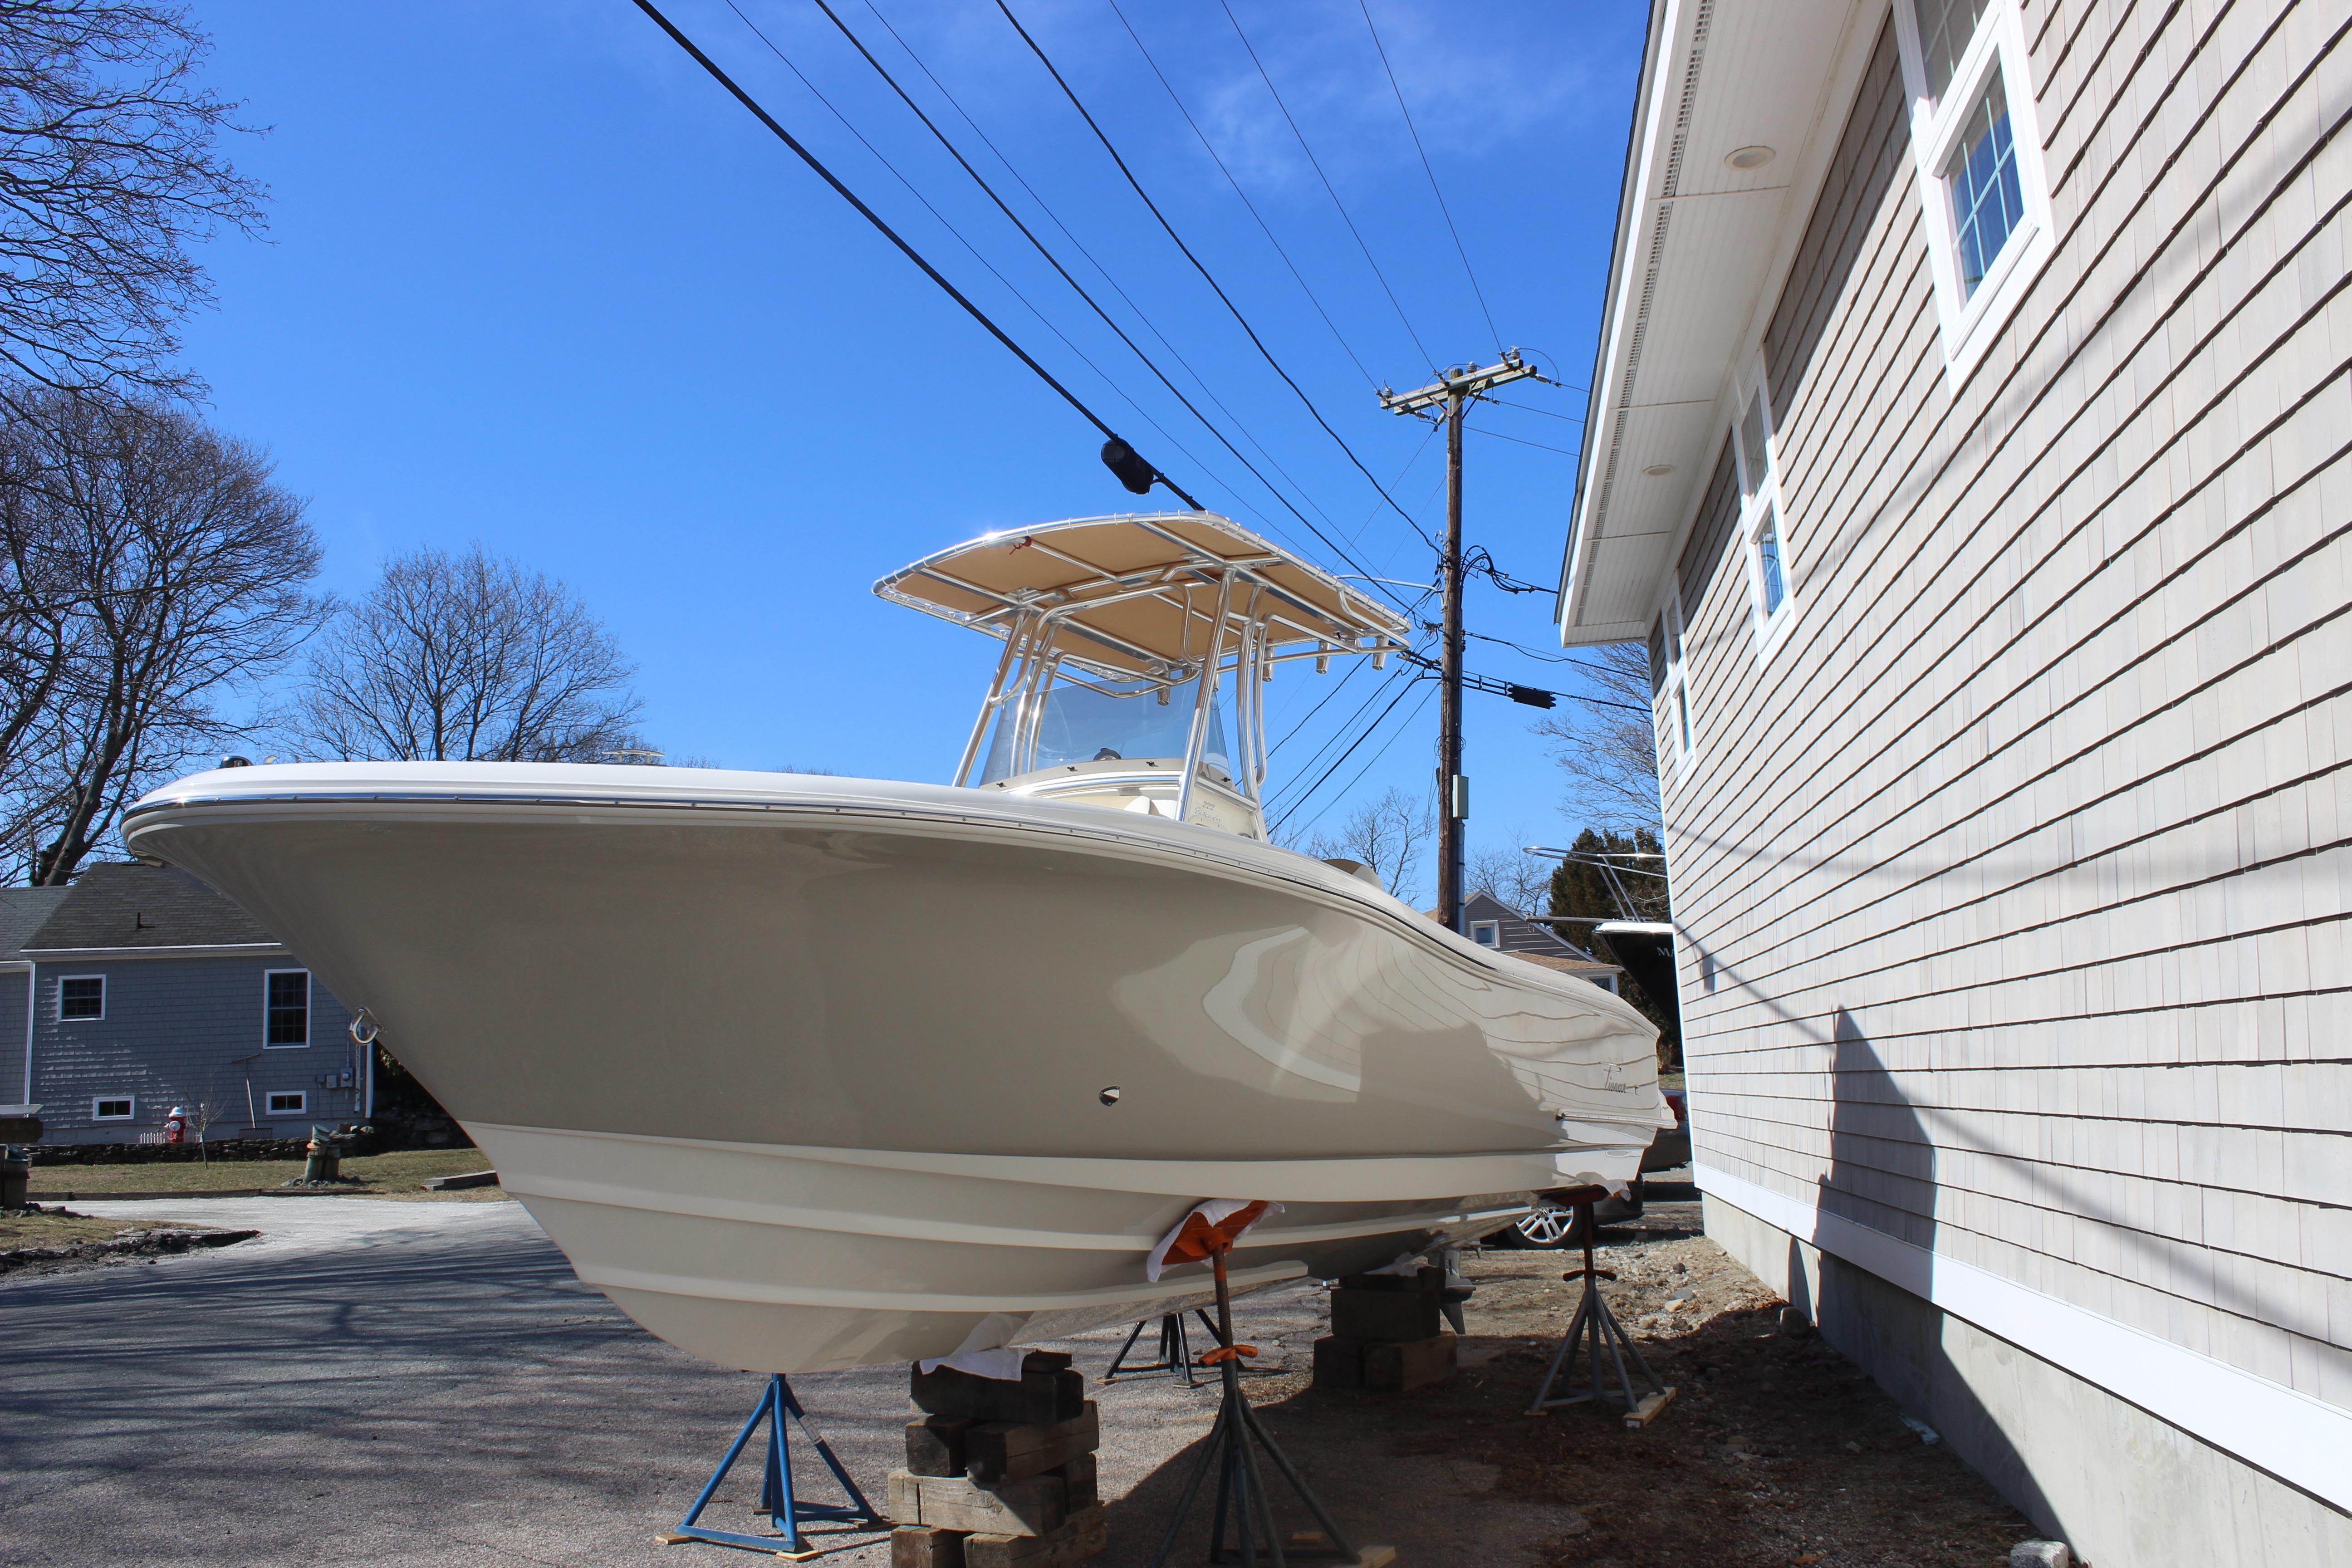 2017 Pioneer 222 Islander Power Boat For Sale